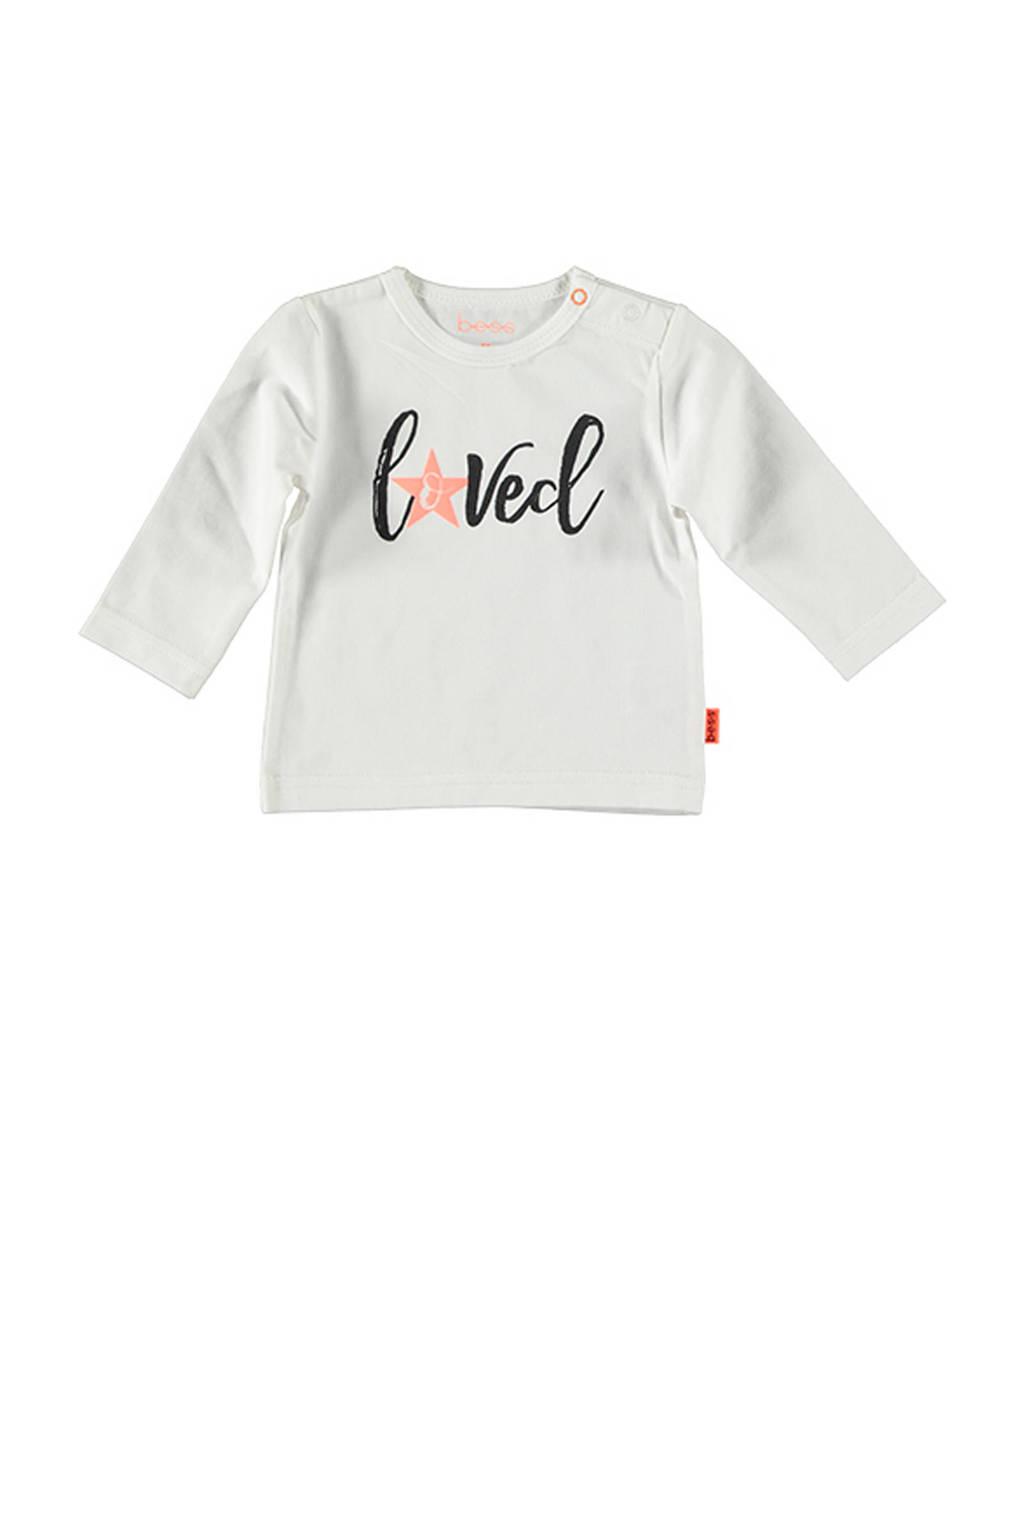 B.E.S.S baby longsleeve met tekst wit/zwart/roze, Wit/zwart/roze